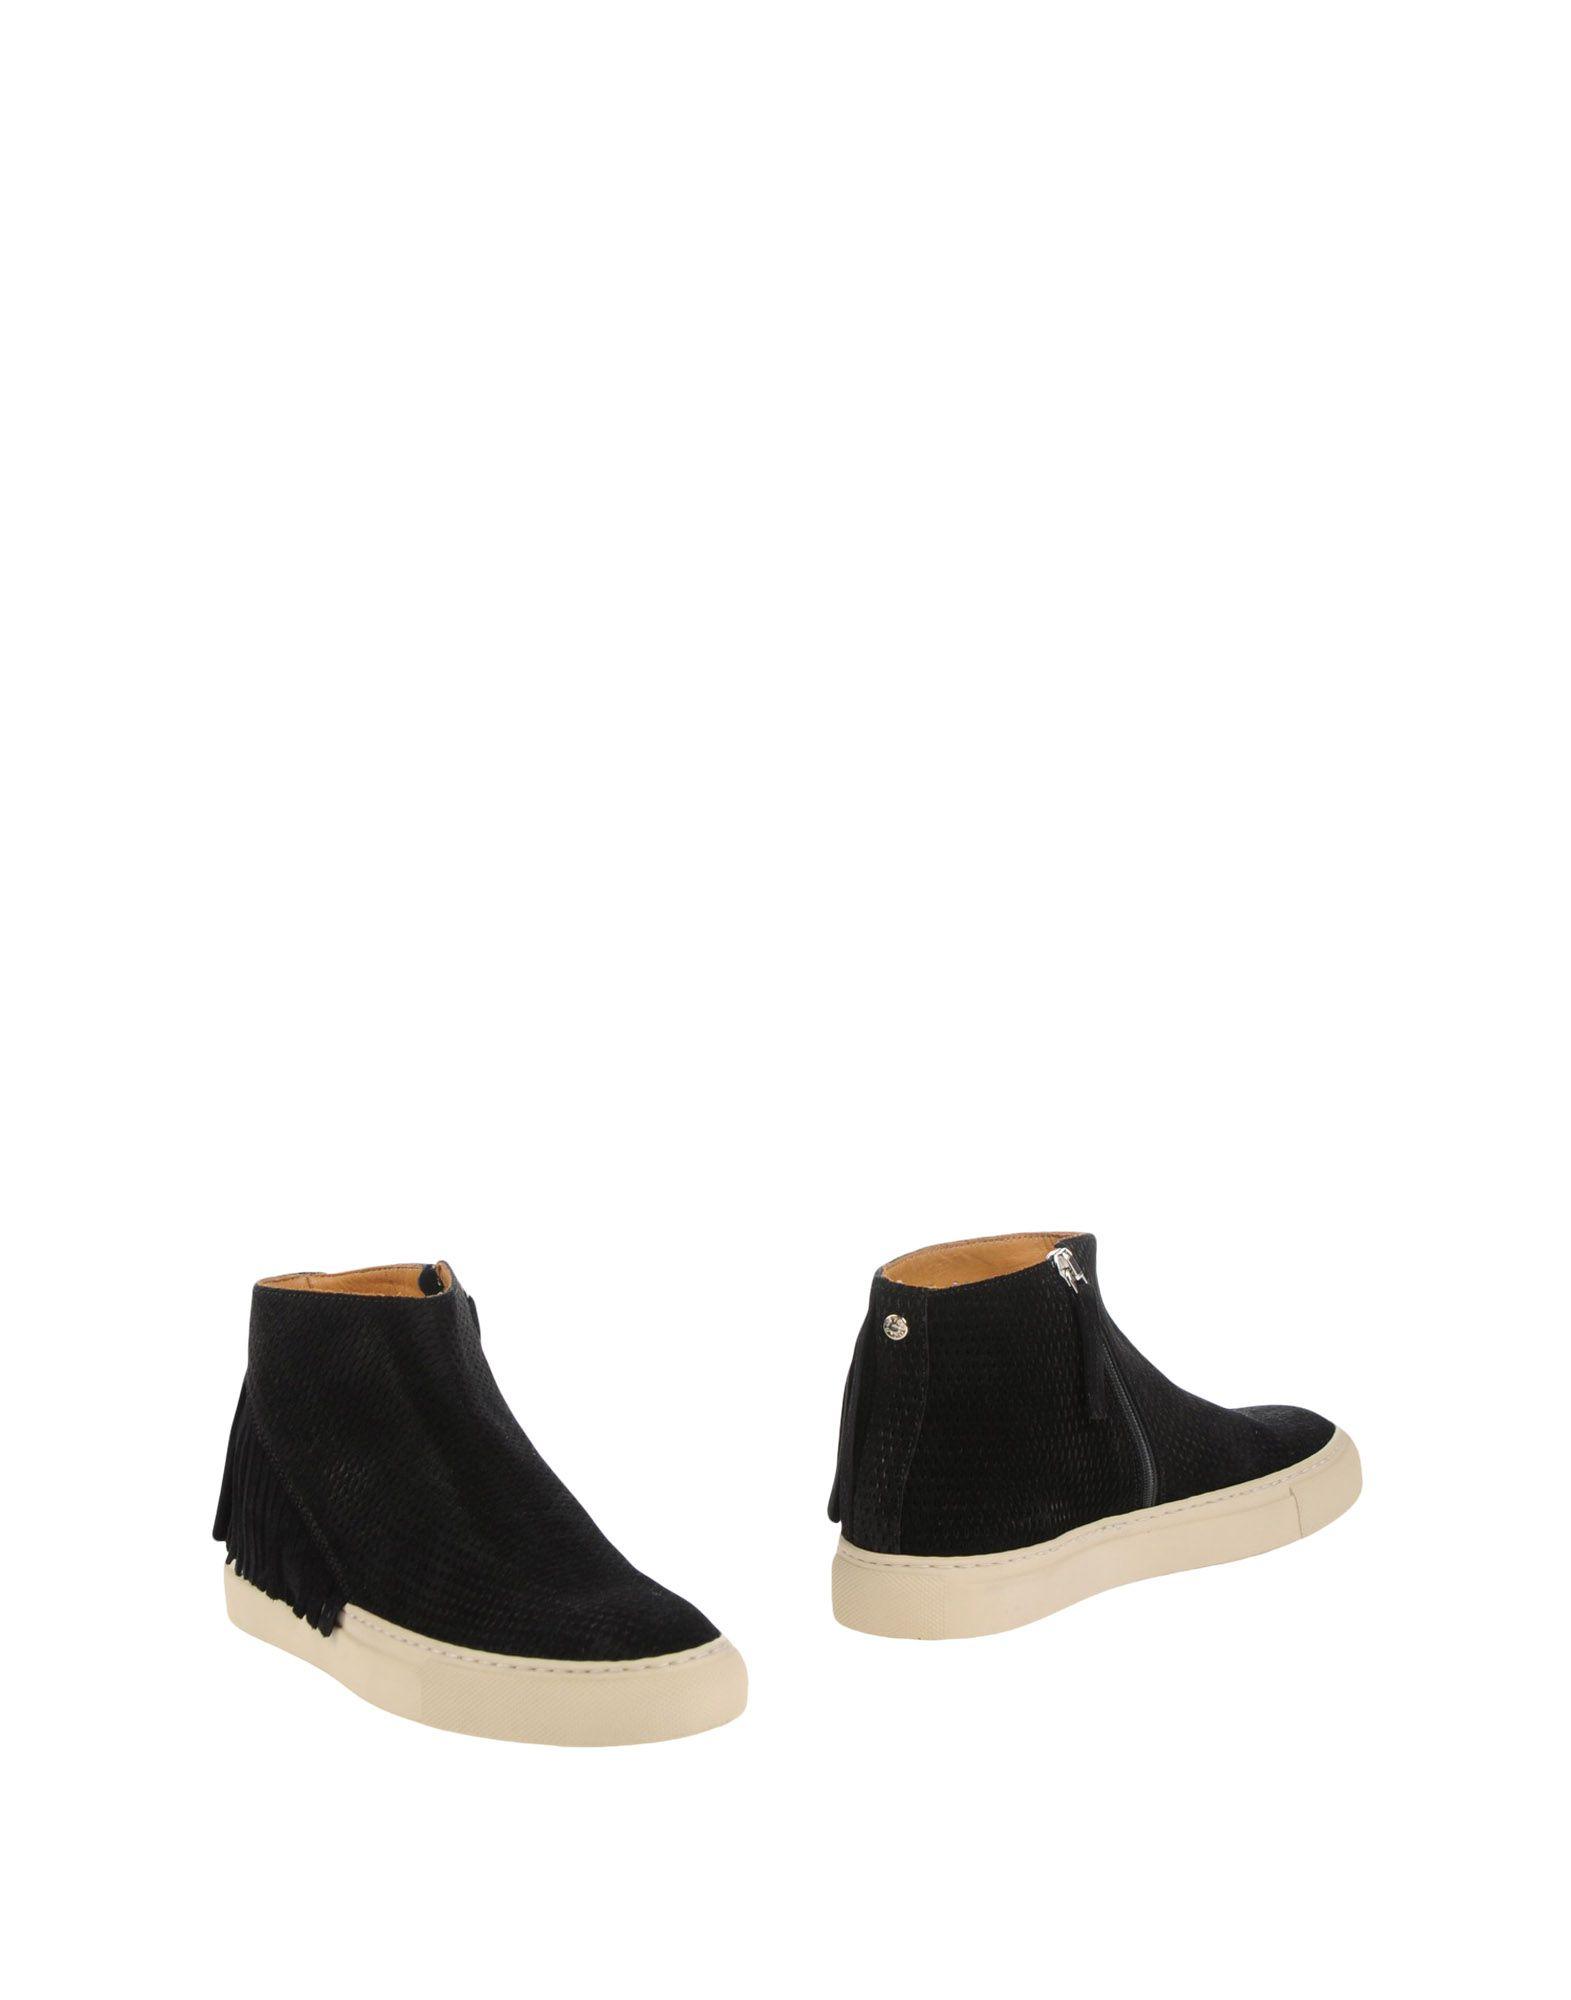 Stilvolle Damen billige Schuhe Buttero® Stiefelette Damen Stilvolle  11206851RD 292698